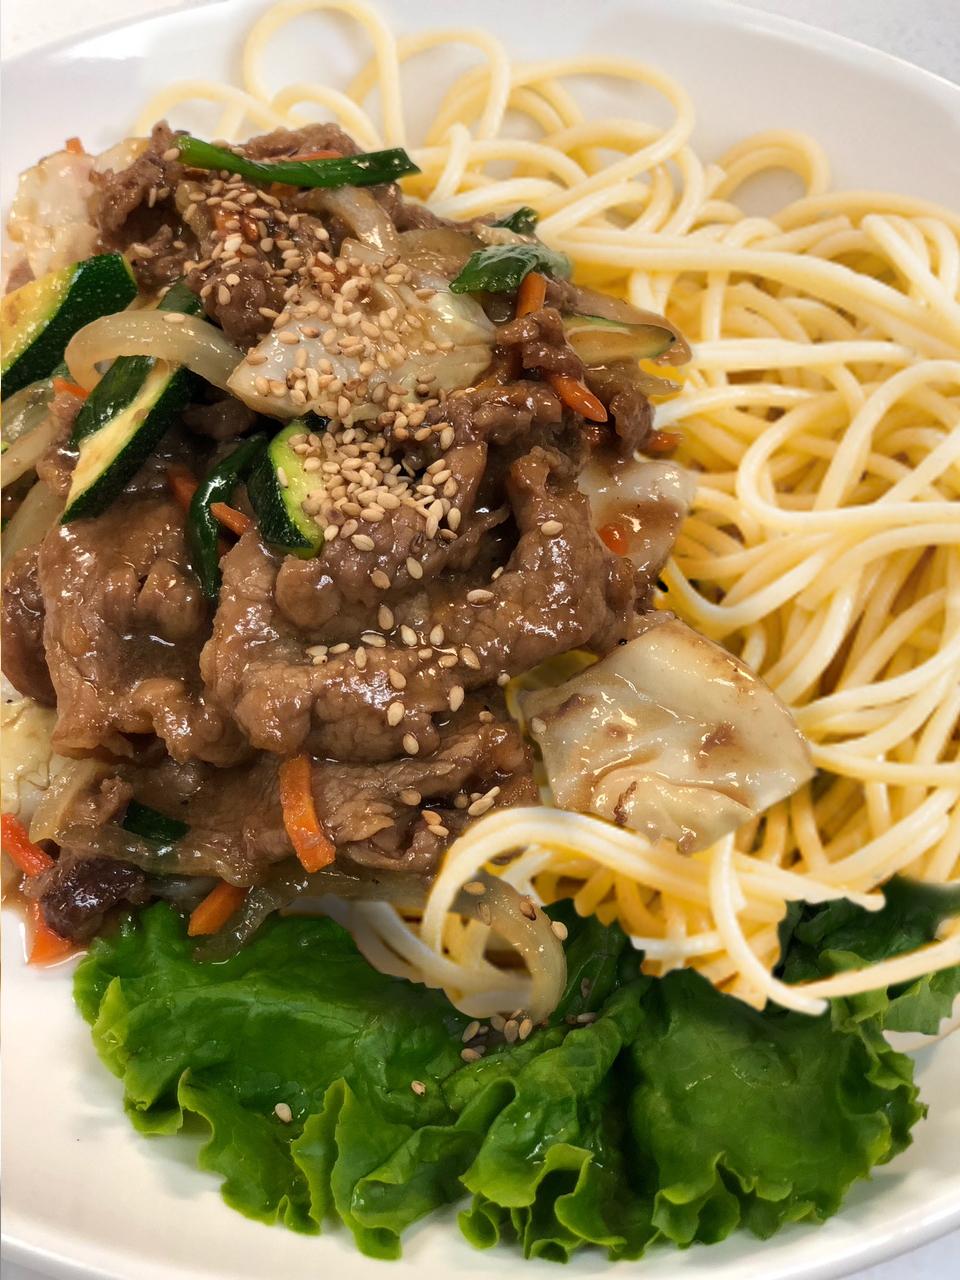 Bulgogi-Pasta pic-gathering on the plaza 9-16-18.jpg